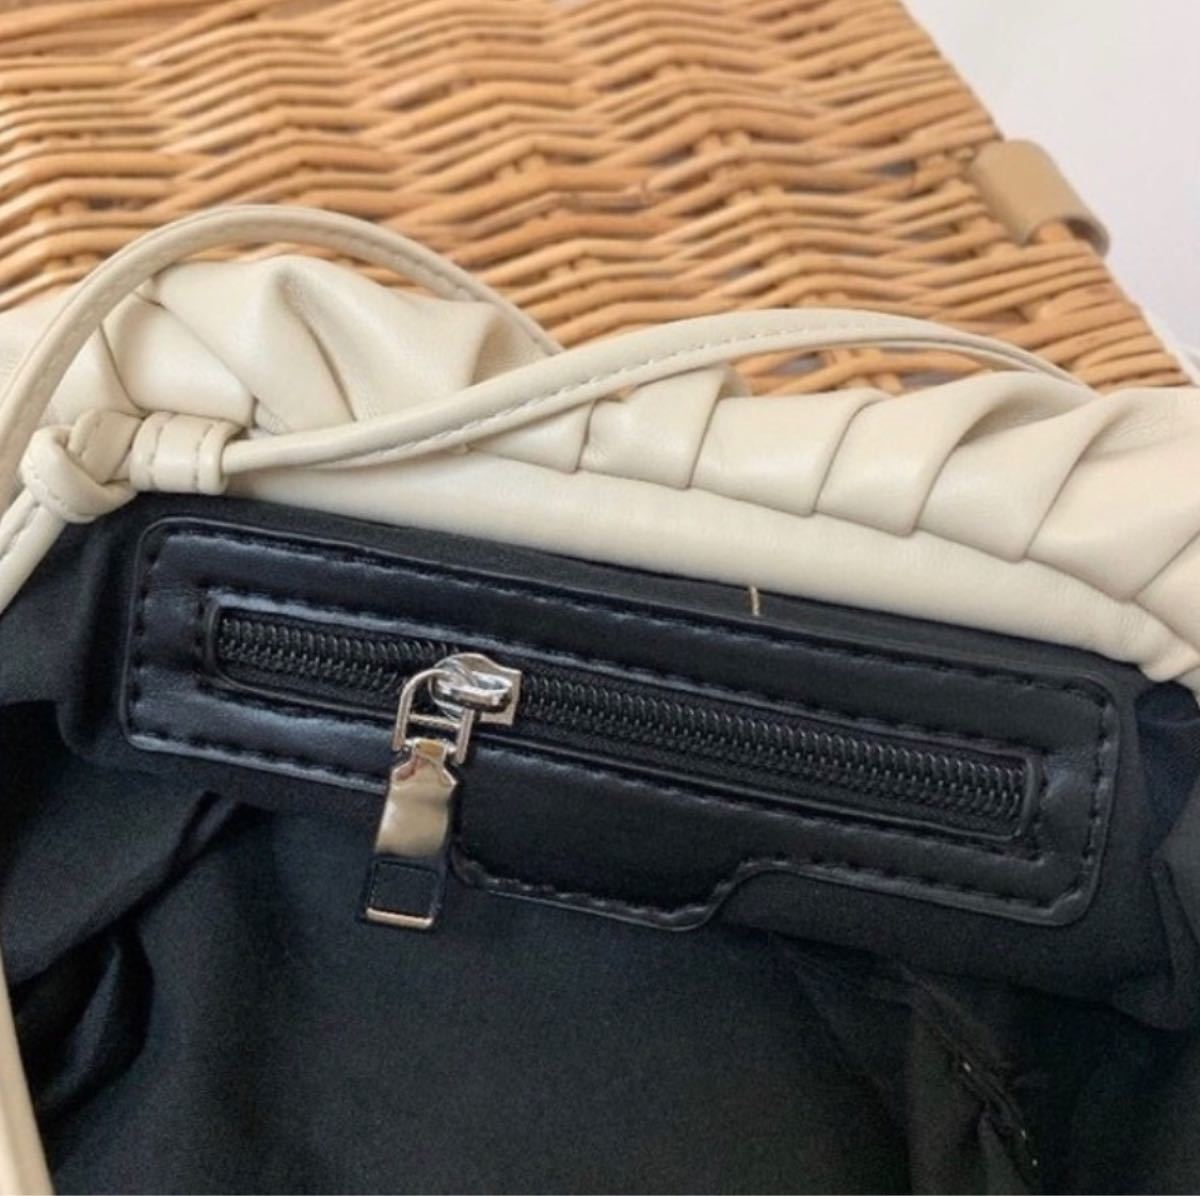 がま口ギャザーショルダーバッグ フェイクレザー 高見高級感 レディース バッグ